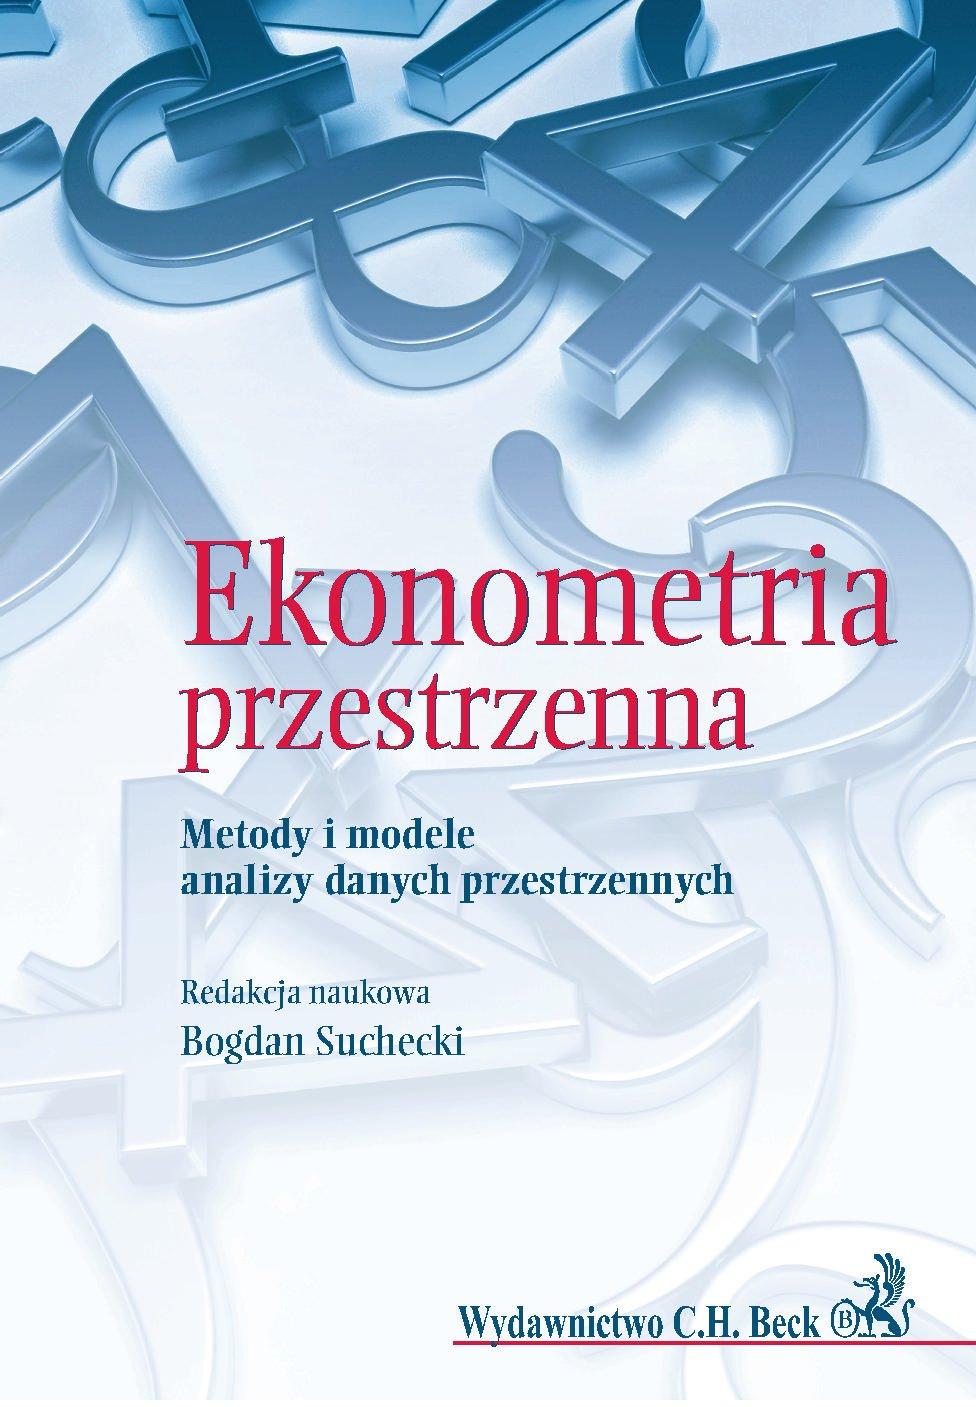 Ekonometria przestrzenna. Metody i modele analizy danych przestrzennych - Ebook (Książka PDF) do pobrania w formacie PDF